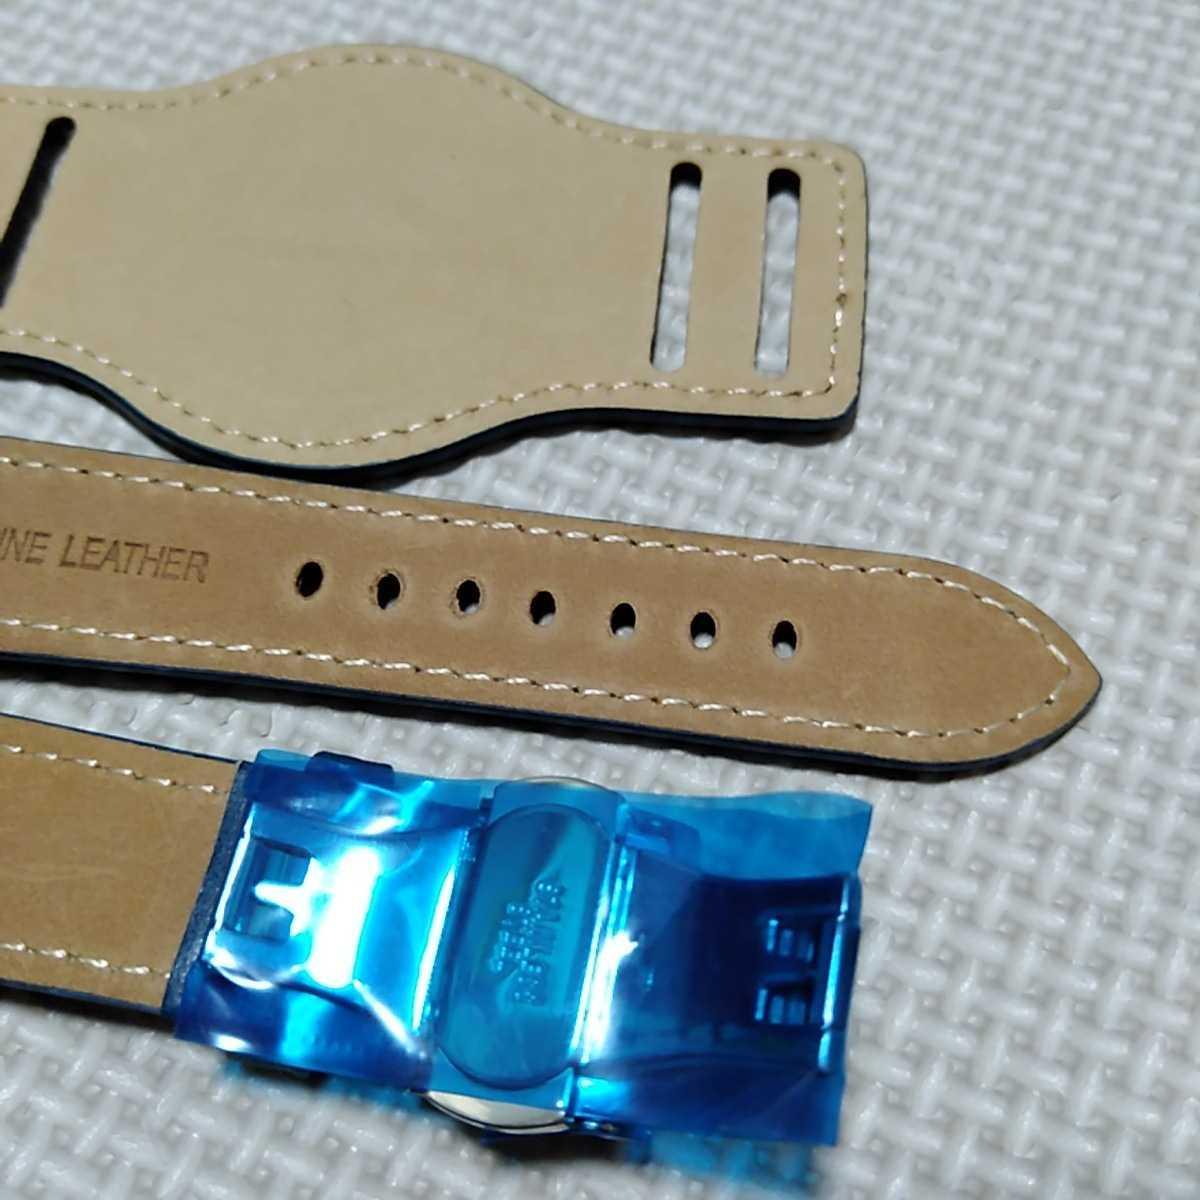 No70 ブンド BUND 本革レザーベルト 腕時計ベルト 交換用ストラップ ブルー 21mm 未使用 Dバックル 高品質 ドイツパイロット 空軍_画像6